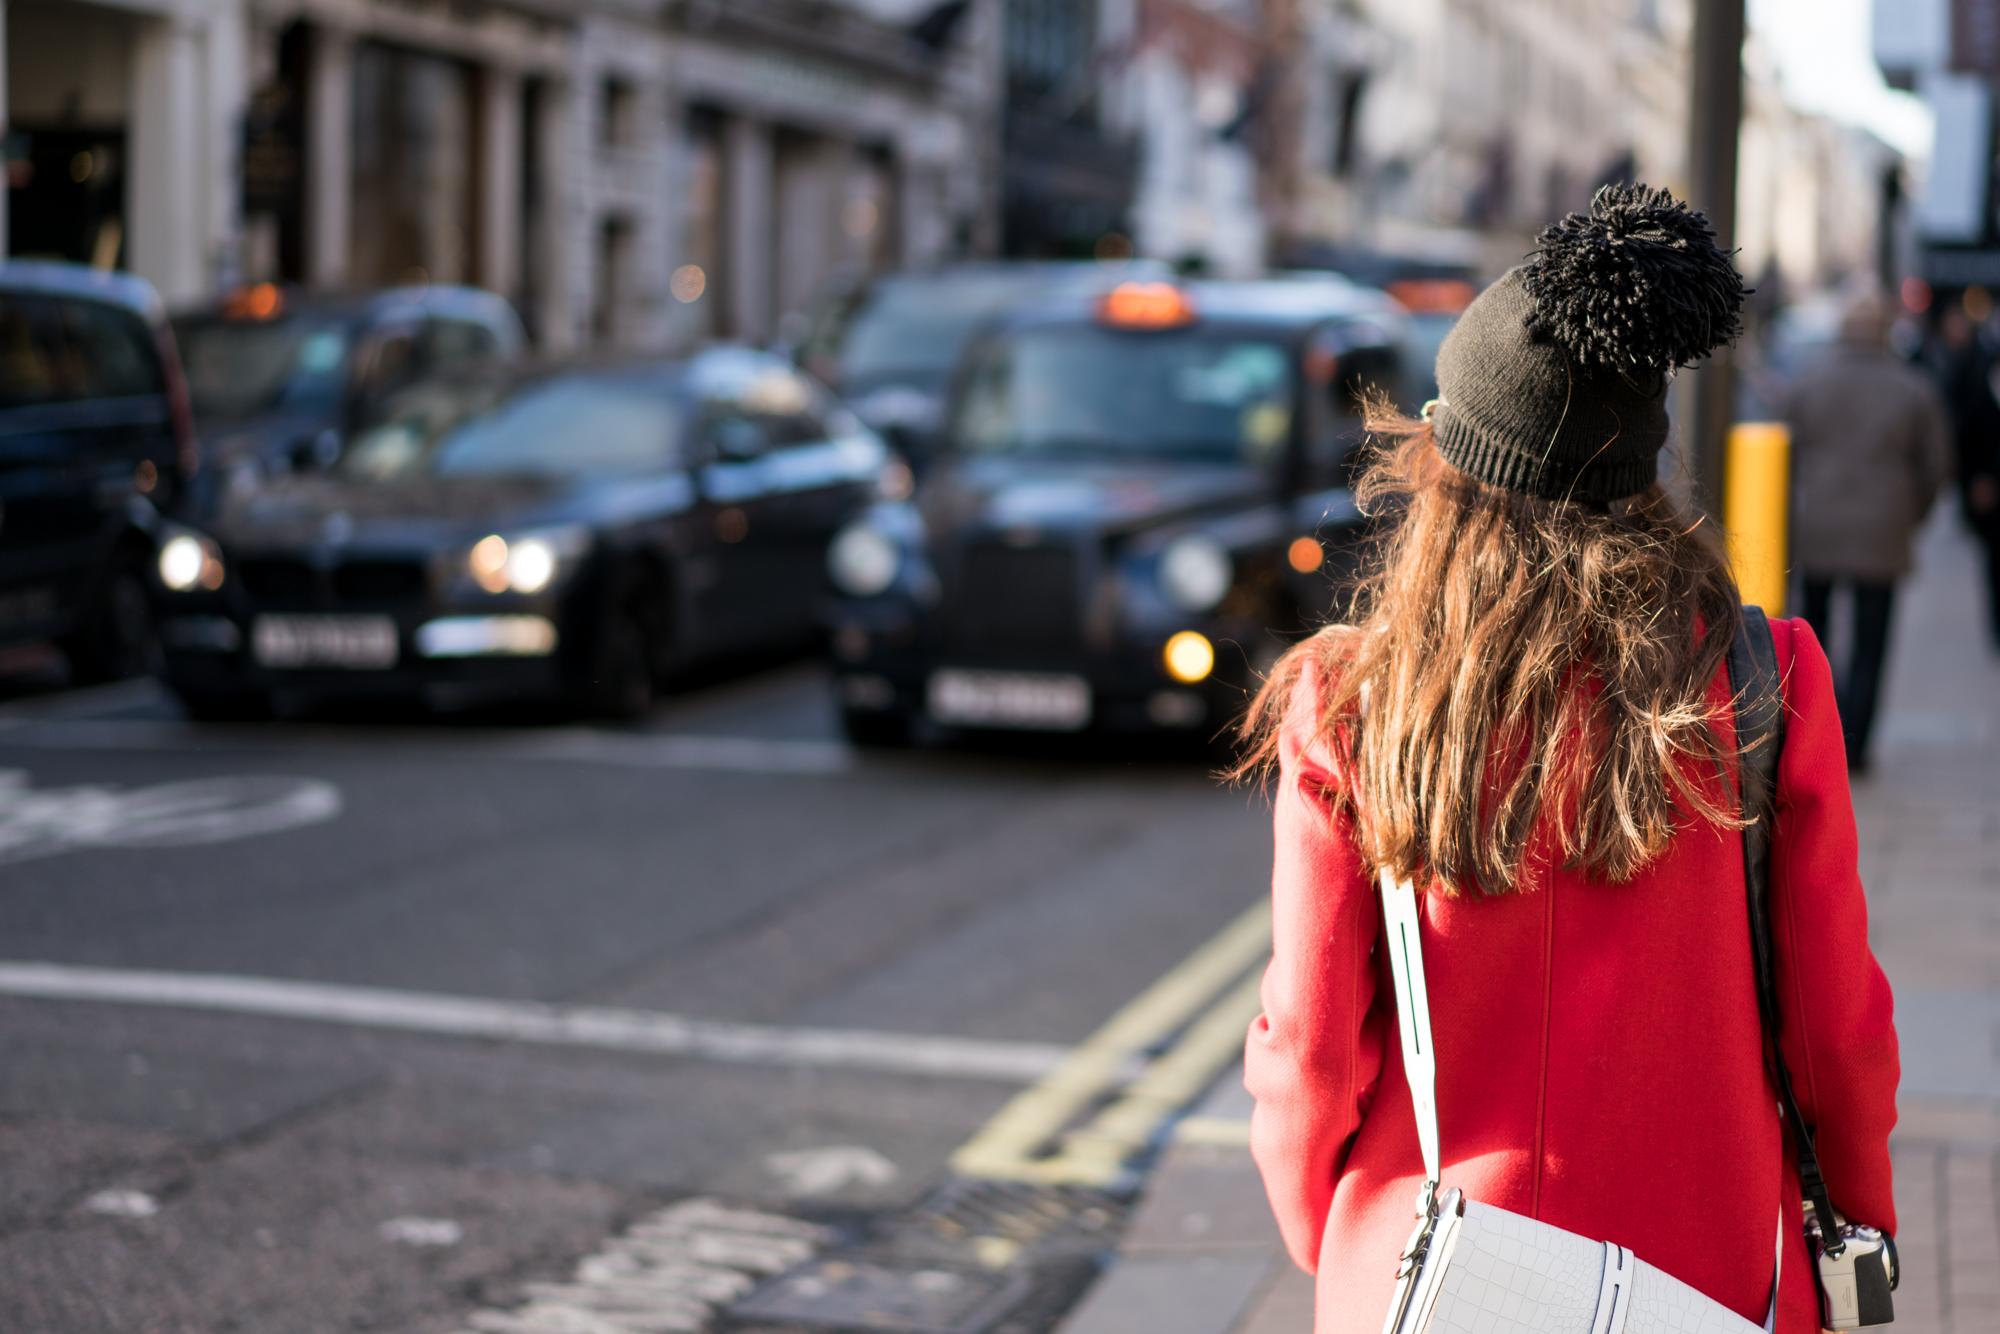 londra, alışveriş, londra alışveriş rehberi, street style, london fashion week, style, fashion, turkish style blogger, billur saatci, off ne giysem,